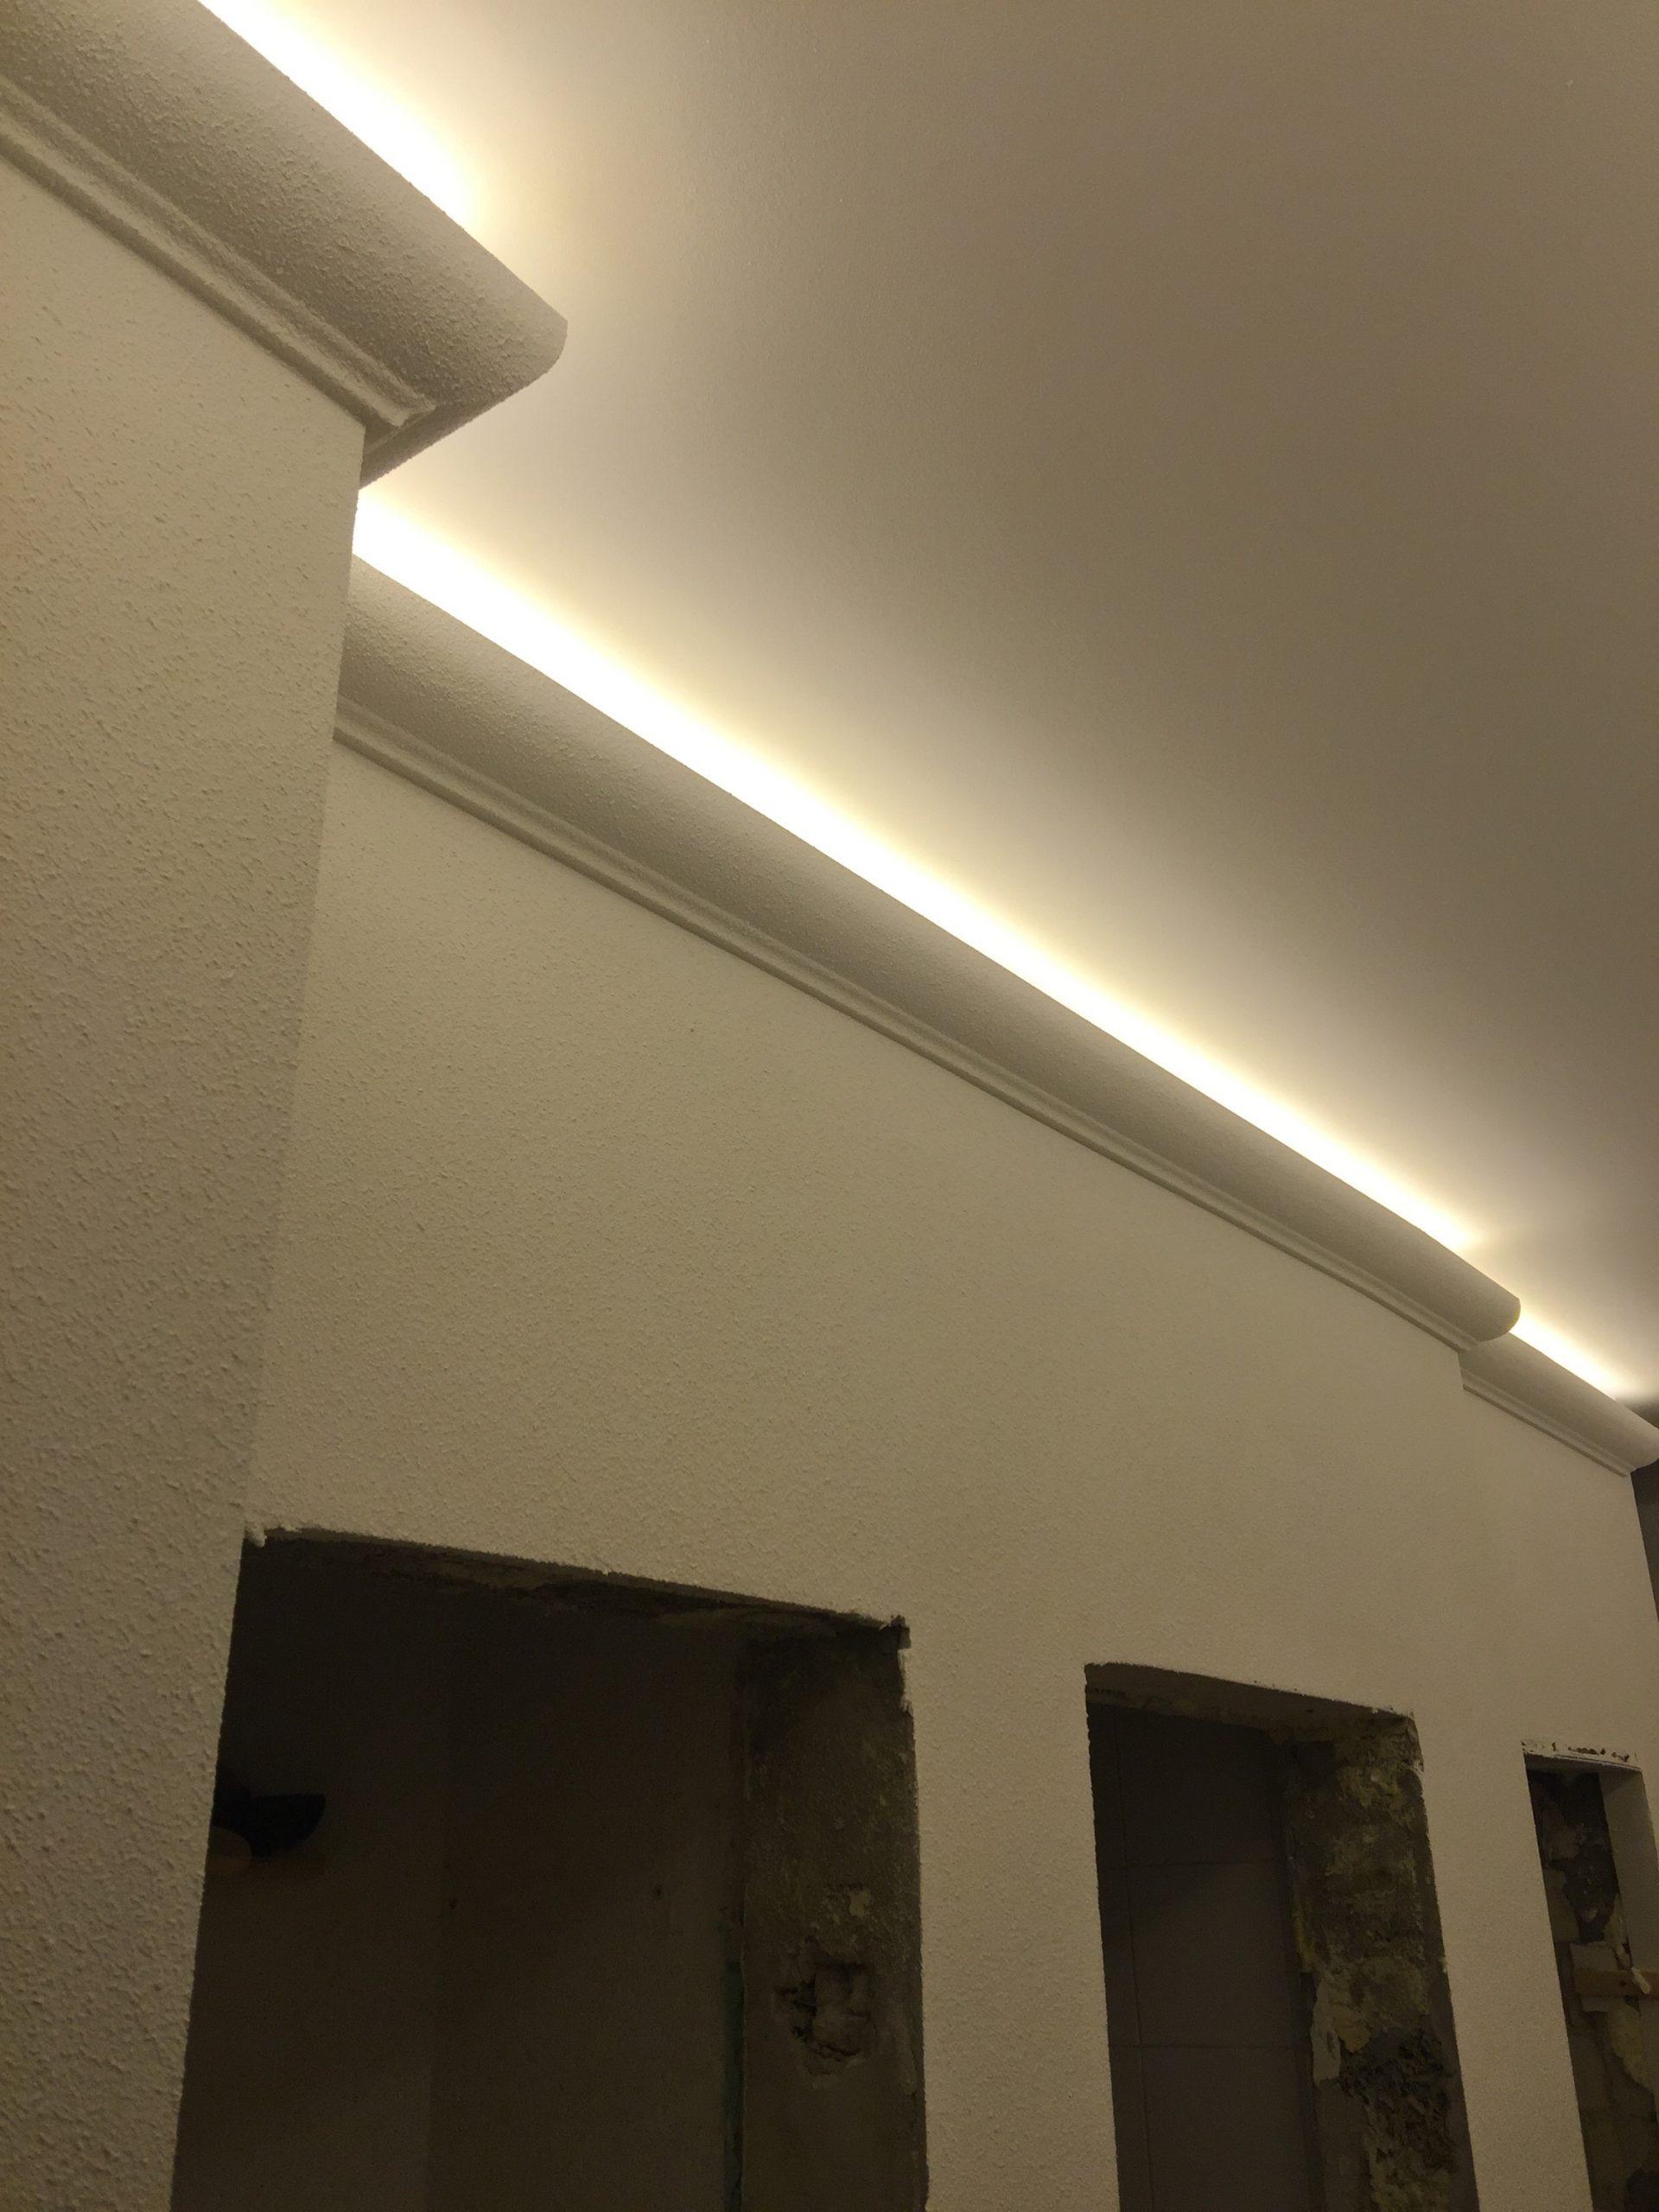 Full Size of Indirekte Beleuchtung Decke 2 Meter Led Profil Pu Stuckleiste Fr Badezimmer Deckenleuchte Im Bad Wohnzimmer Decken Spiegelschrank Mit Küche Deckenleuchten Wohnzimmer Indirekte Beleuchtung Decke